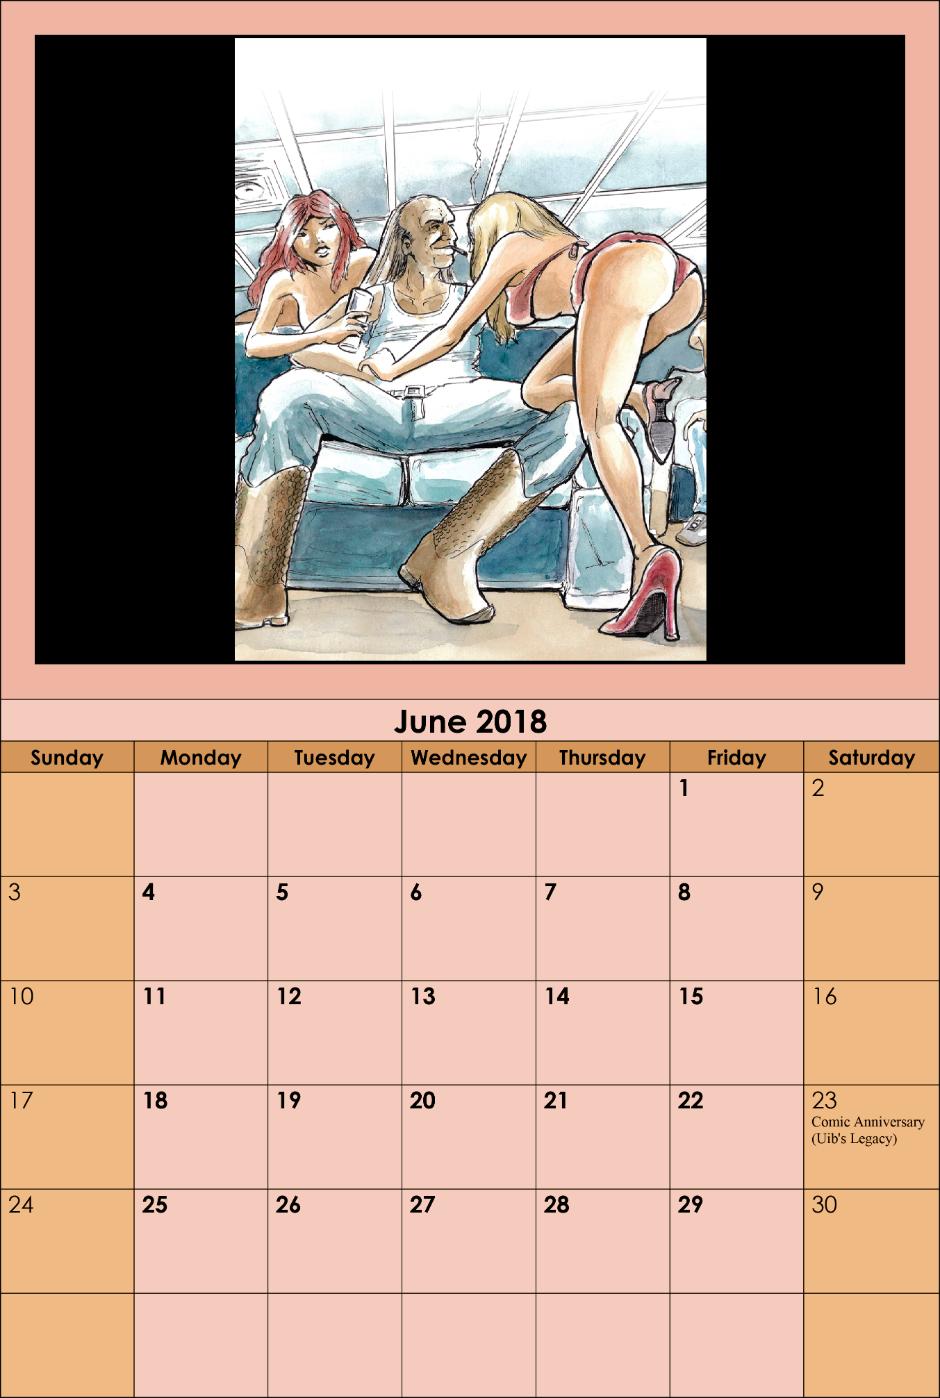 Opidane - June